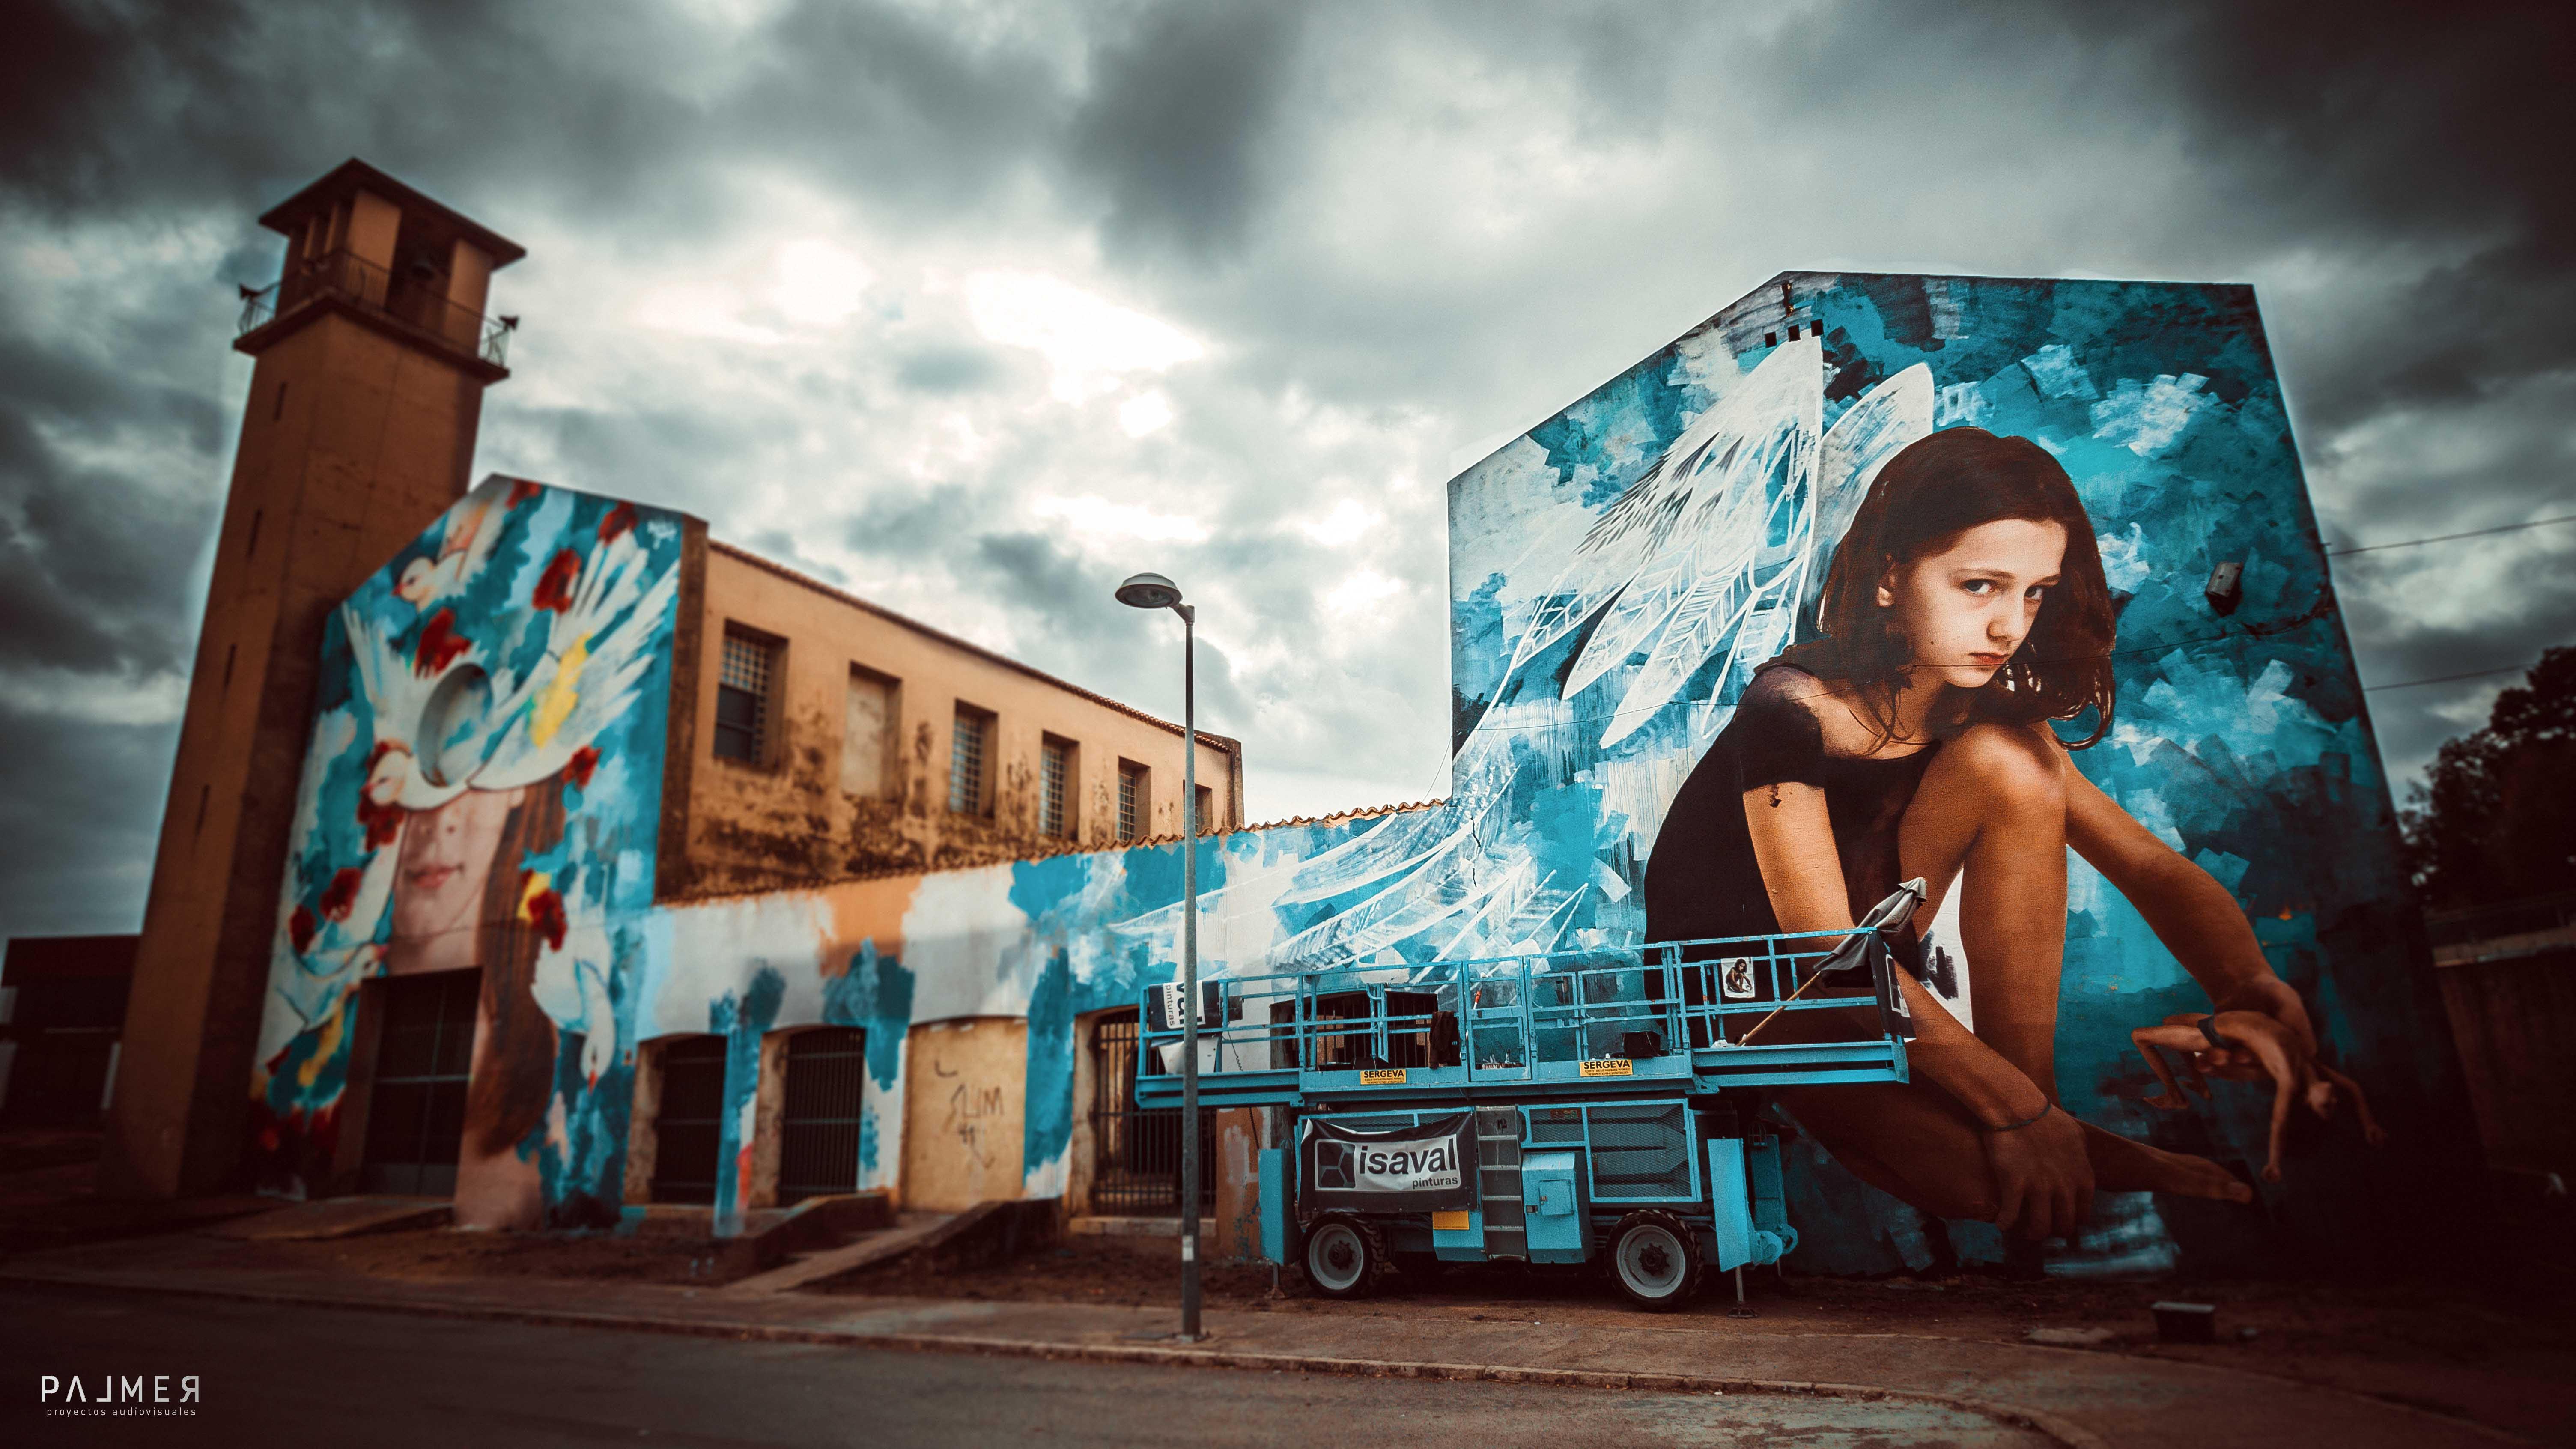 Ego, il nuovo murale di Bifido e Julieta | Collater.al 6